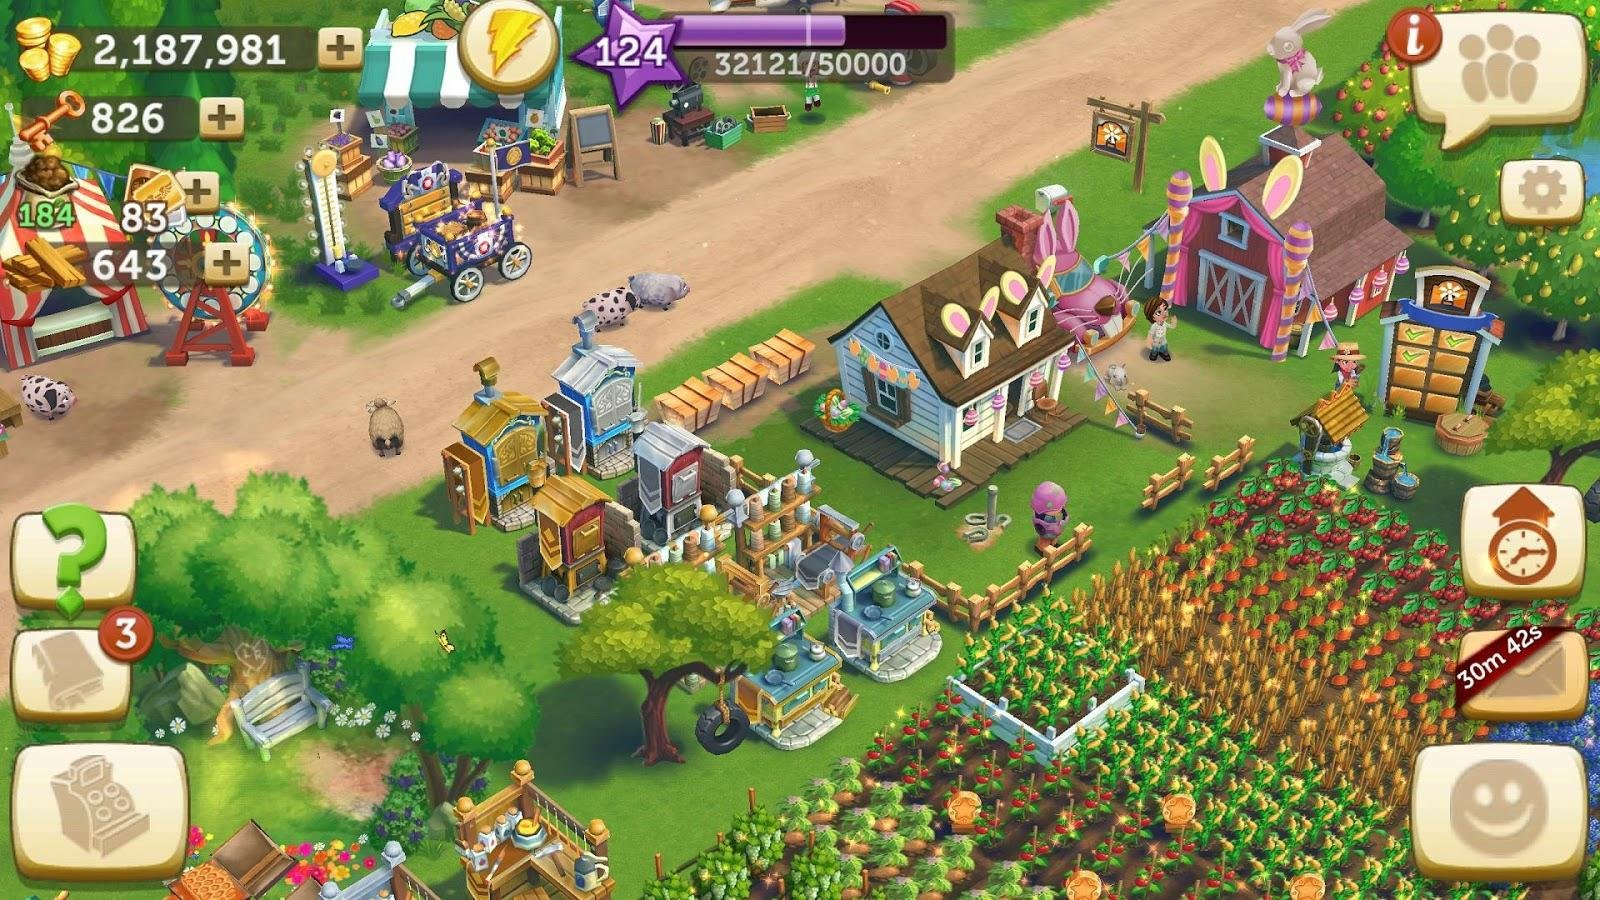 игра ферма сельское уедиенение мод много ключей